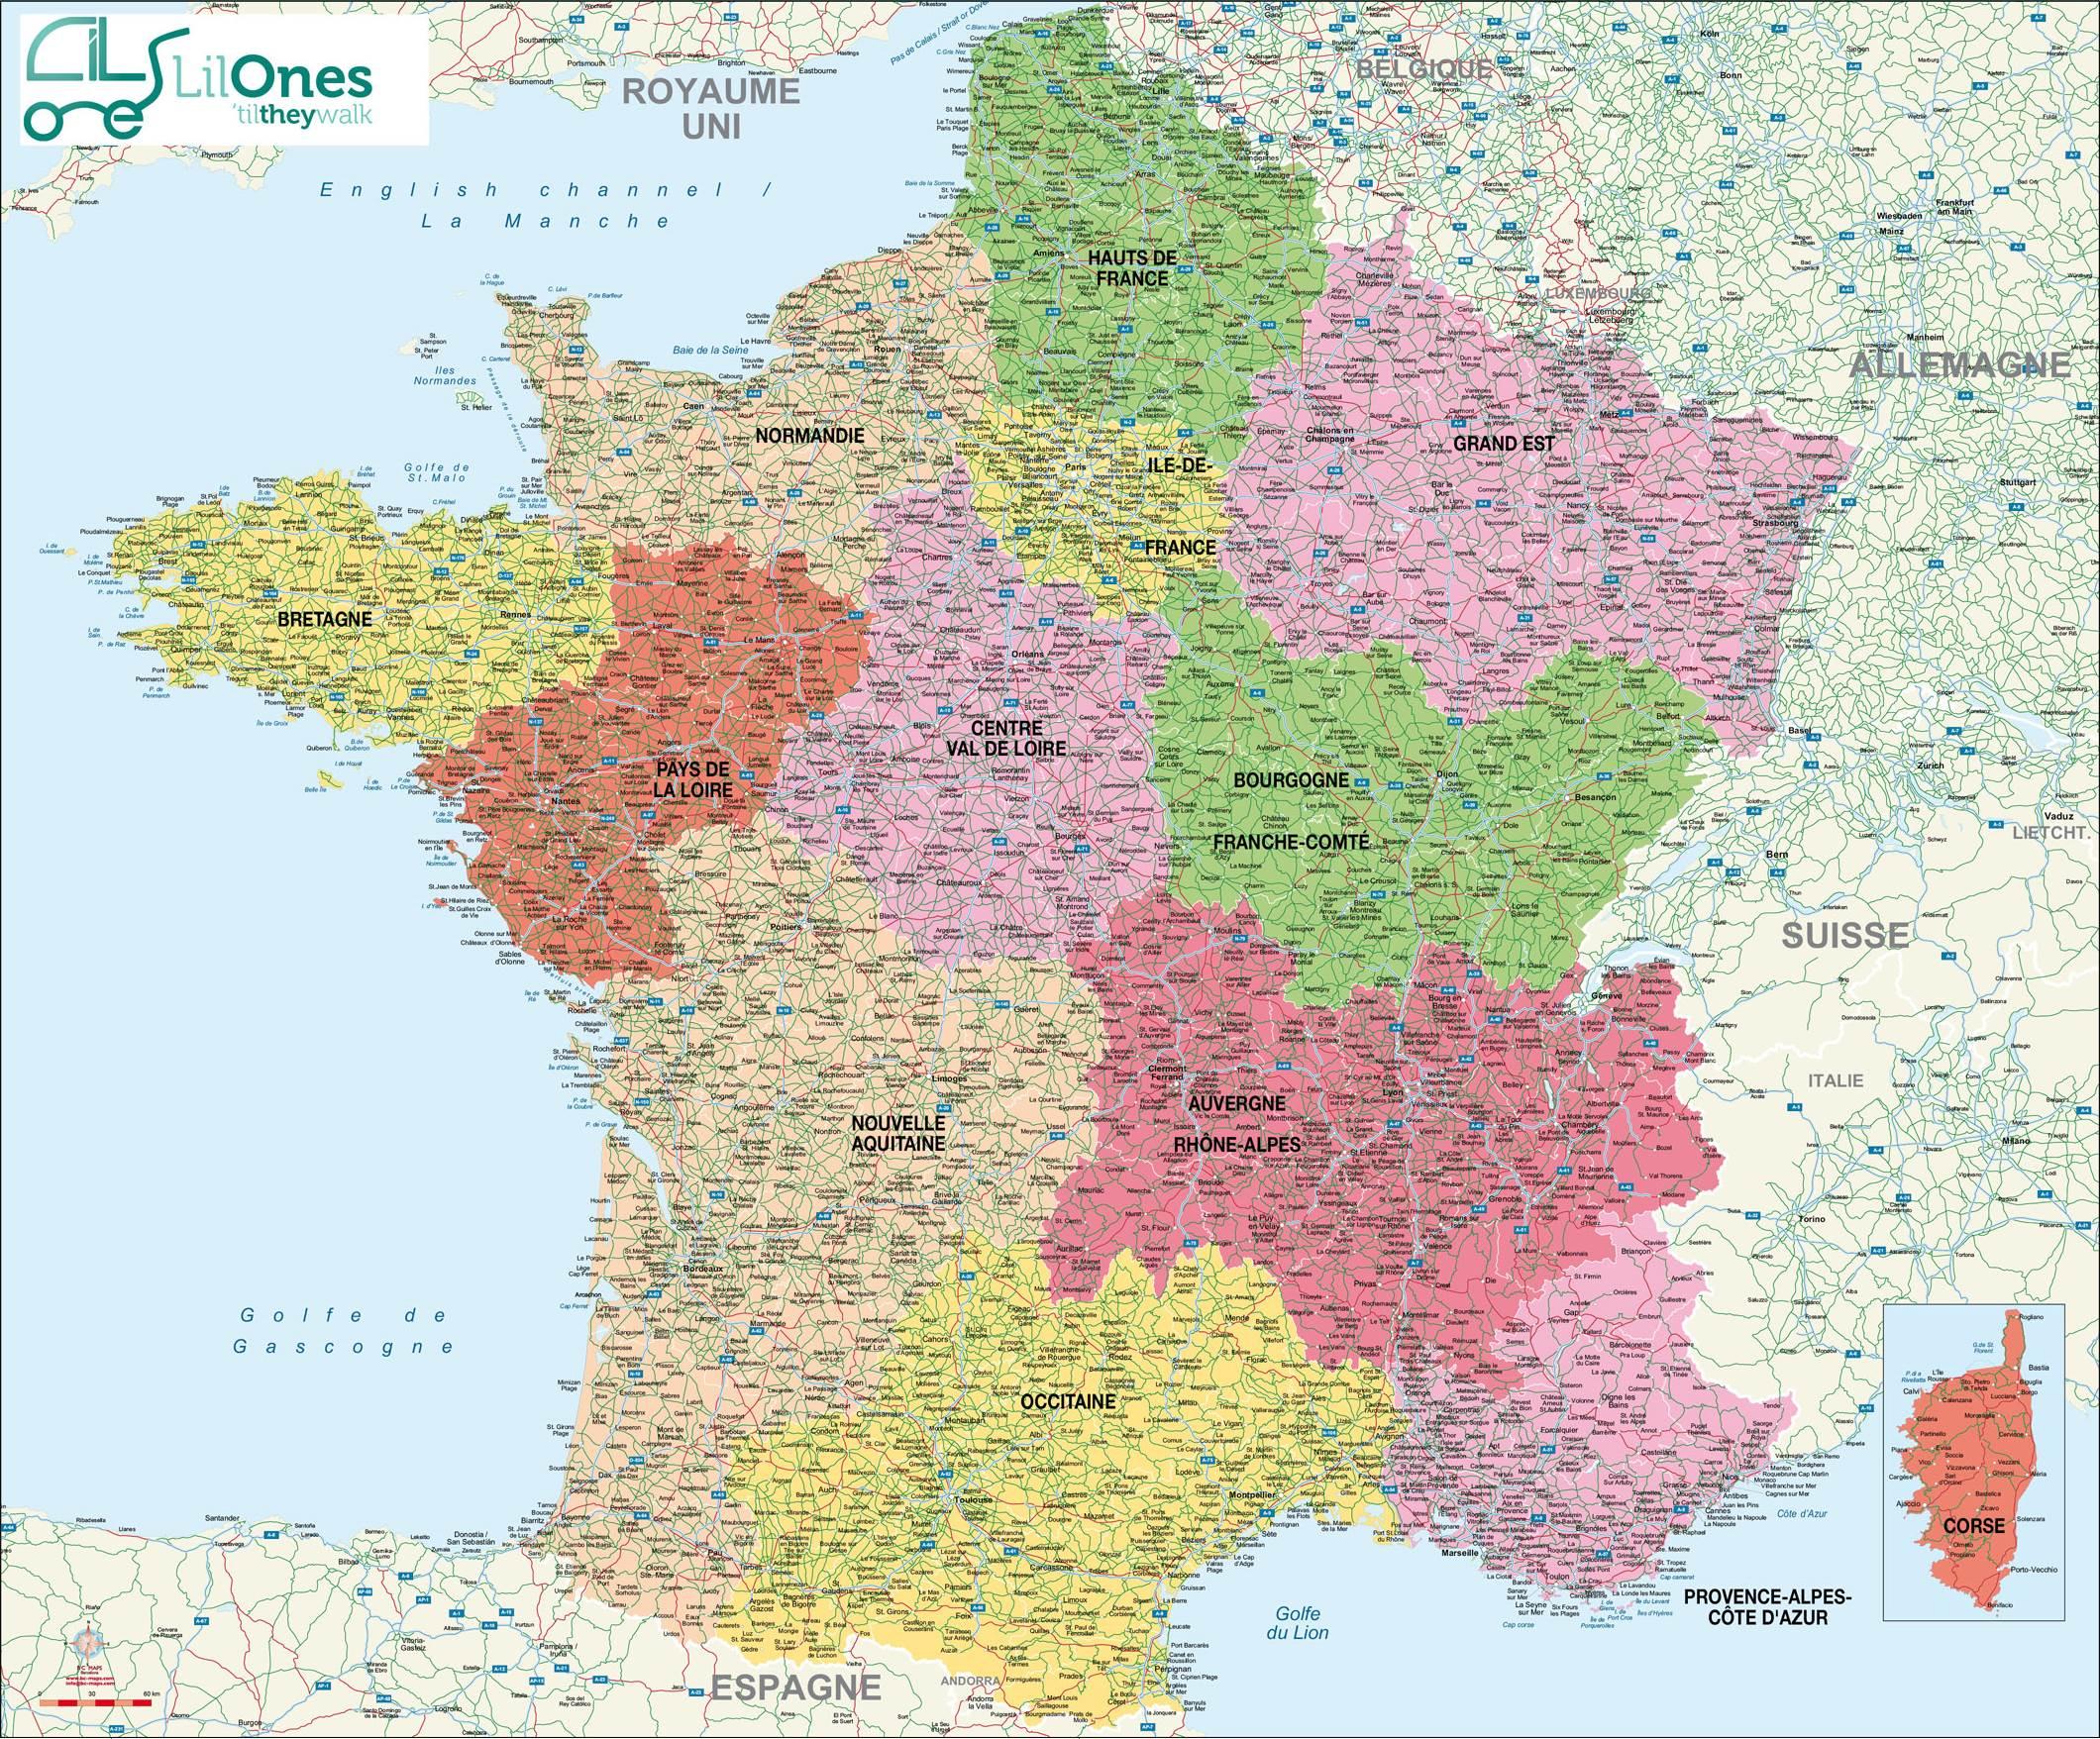 Cartes De France : Cartes Des Régions, Départements Et avec Carte De France Avec Region